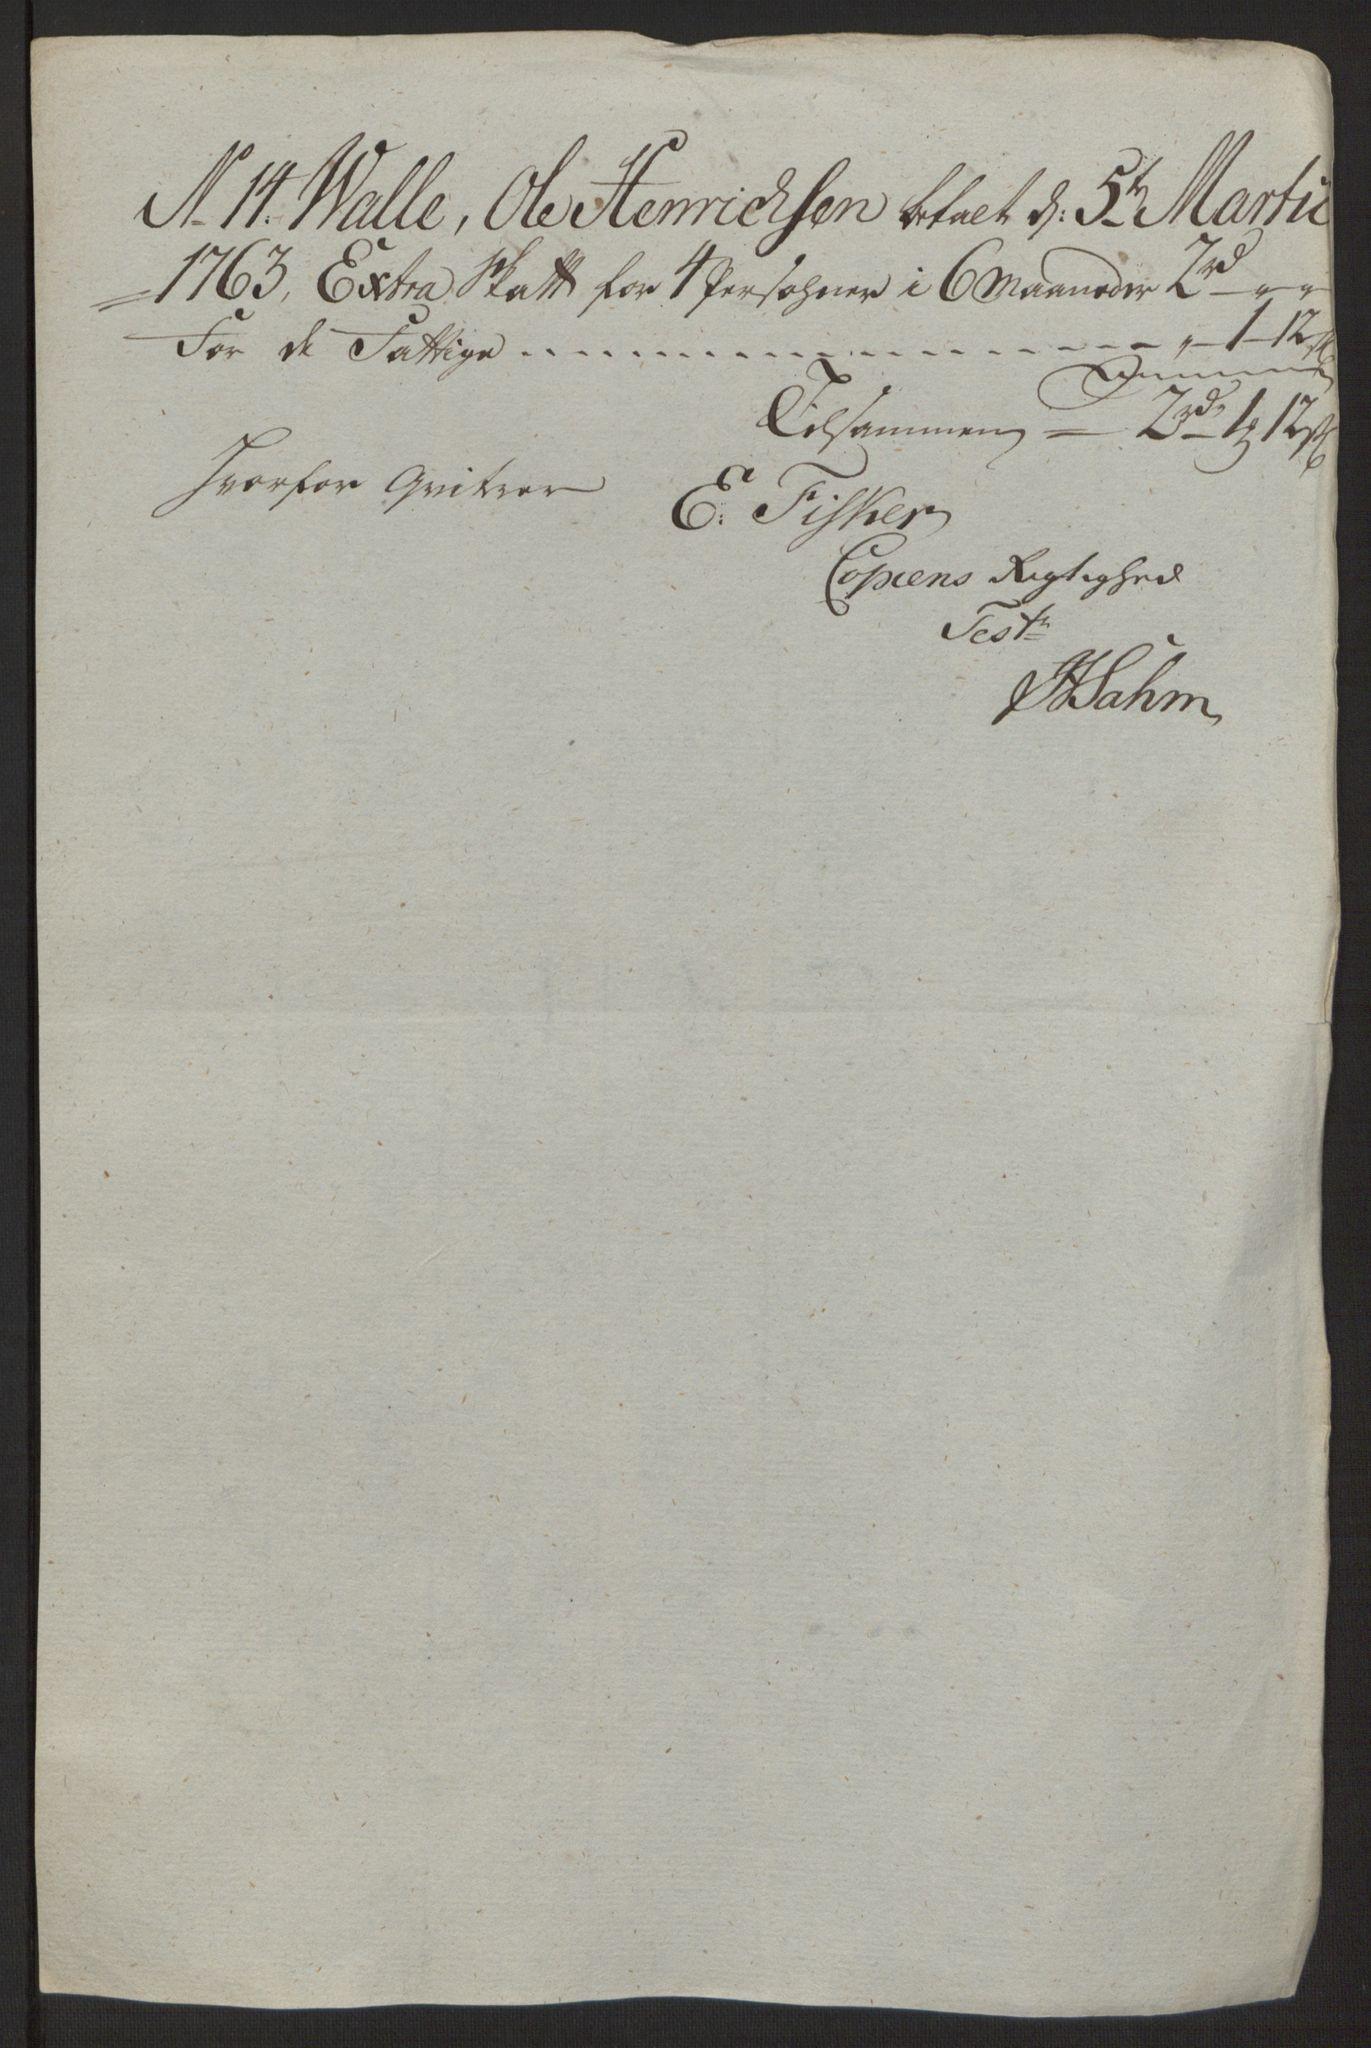 RA, Rentekammeret inntil 1814, Reviderte regnskaper, Byregnskaper, R/Rg/L0144: [G4] Kontribusjonsregnskap, 1762-1767, s. 61